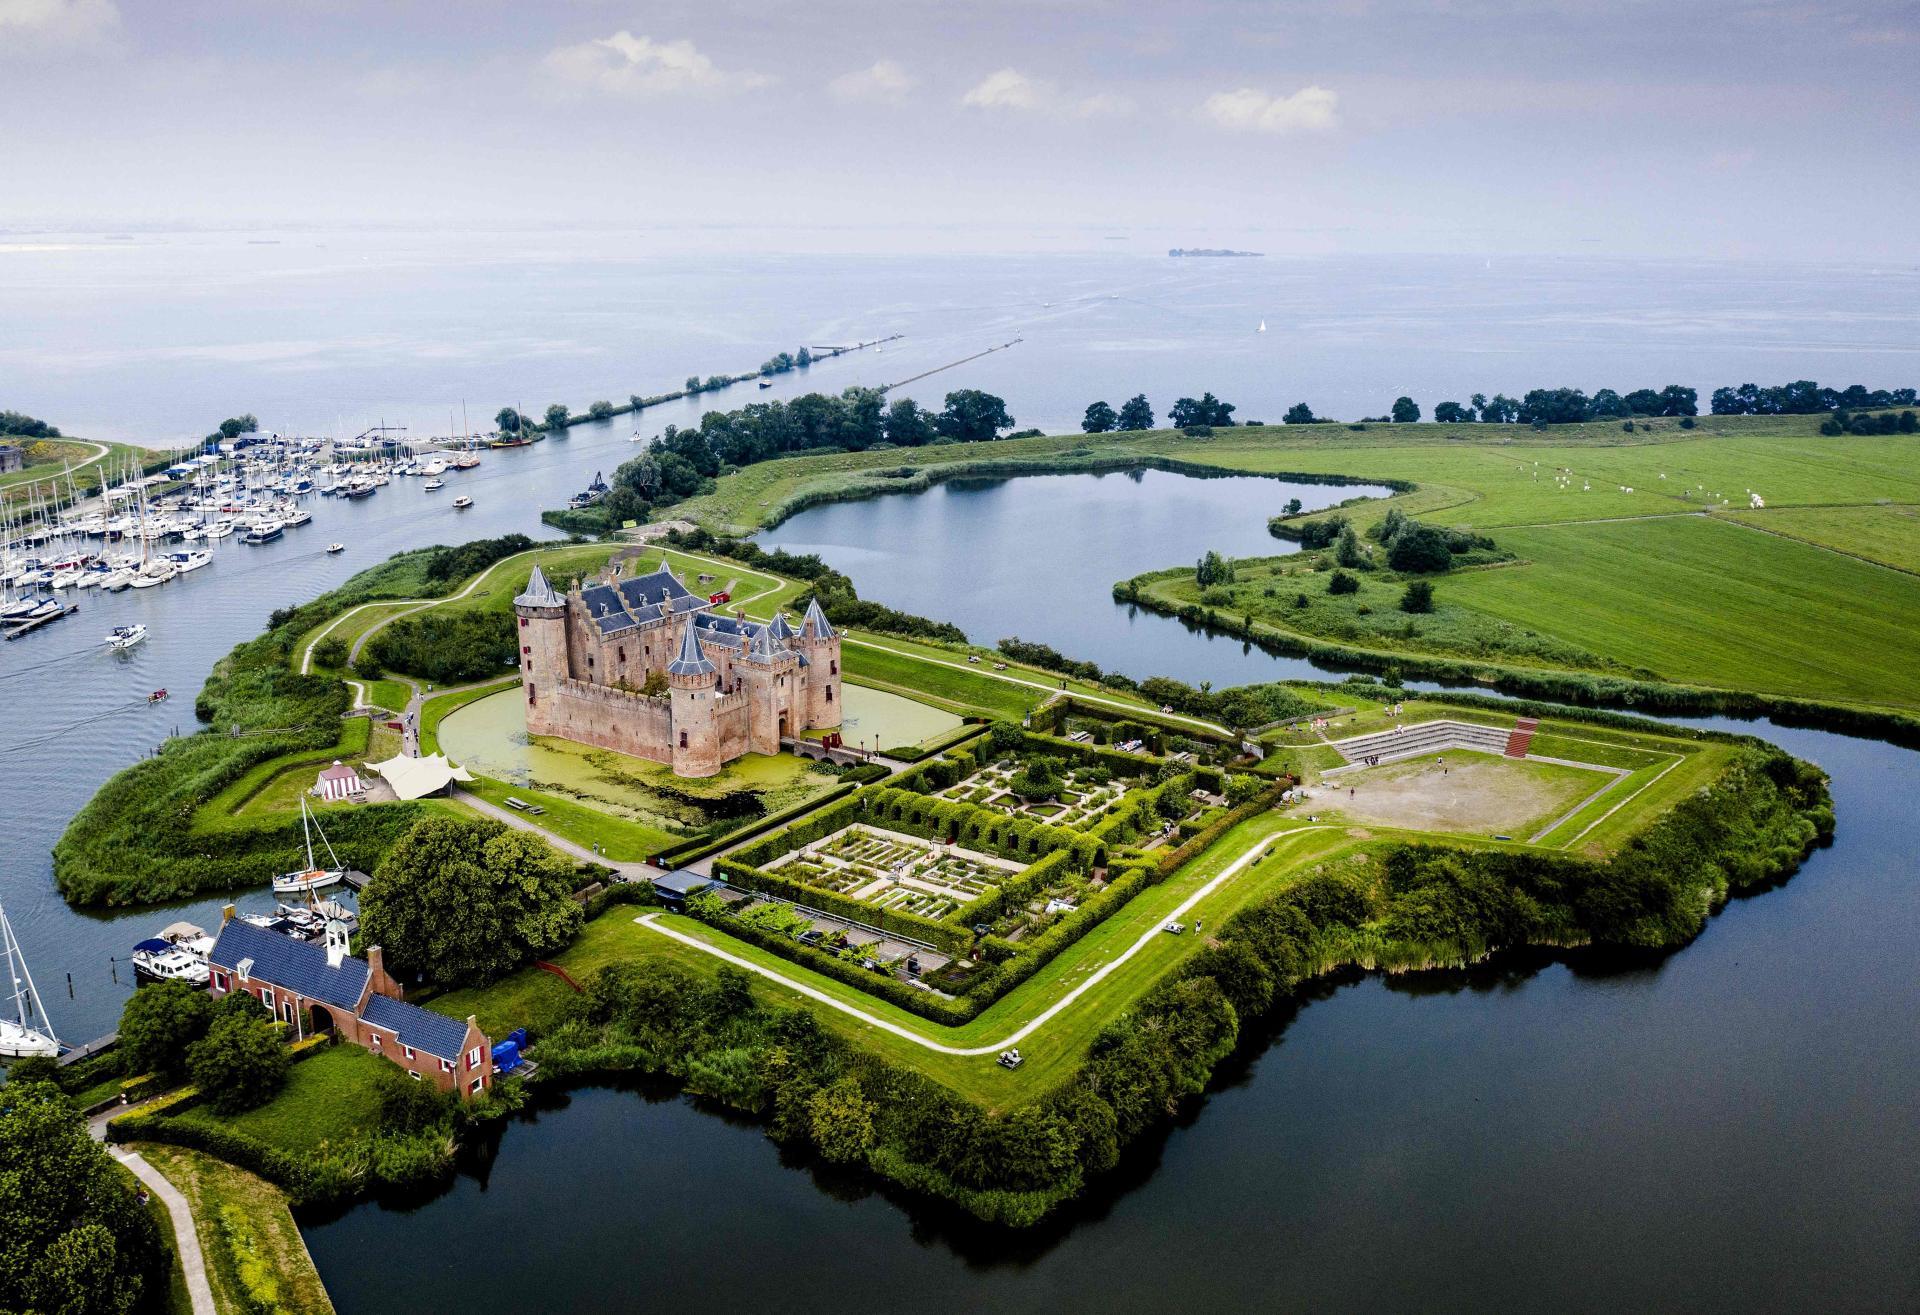 Le château de Muiderslot (Pays-Bas) fait partie de l'ensemble plus large des «Lignes d'eau de défense hollandaises», désormais classées au Patrimoine mondial.